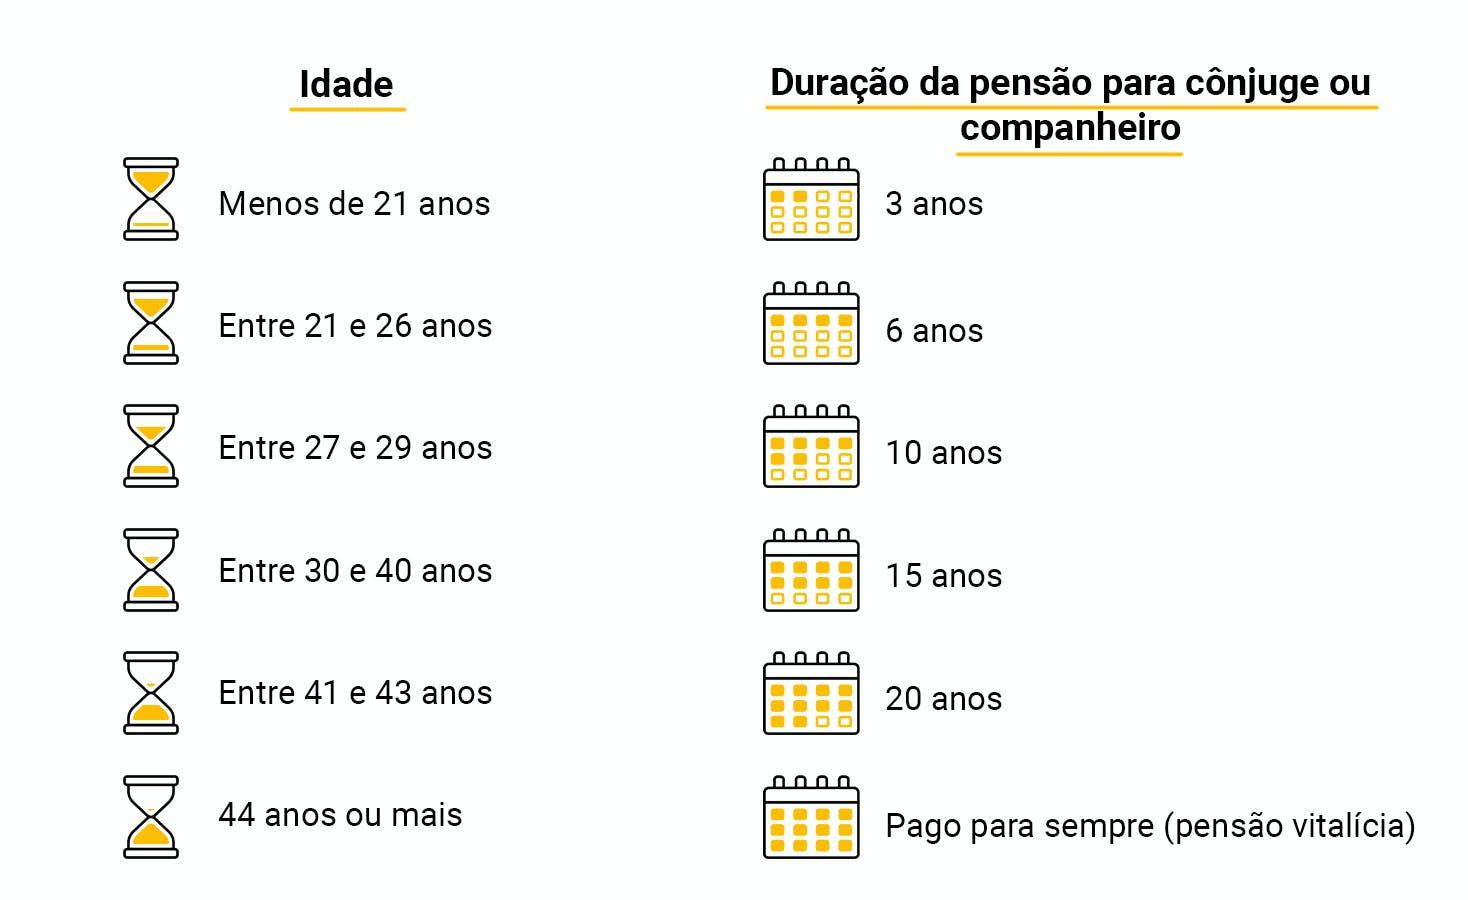 Tabela de duração da pensão por morte para o cônjuge ou companheiro de acordo com a idade na data do óbito